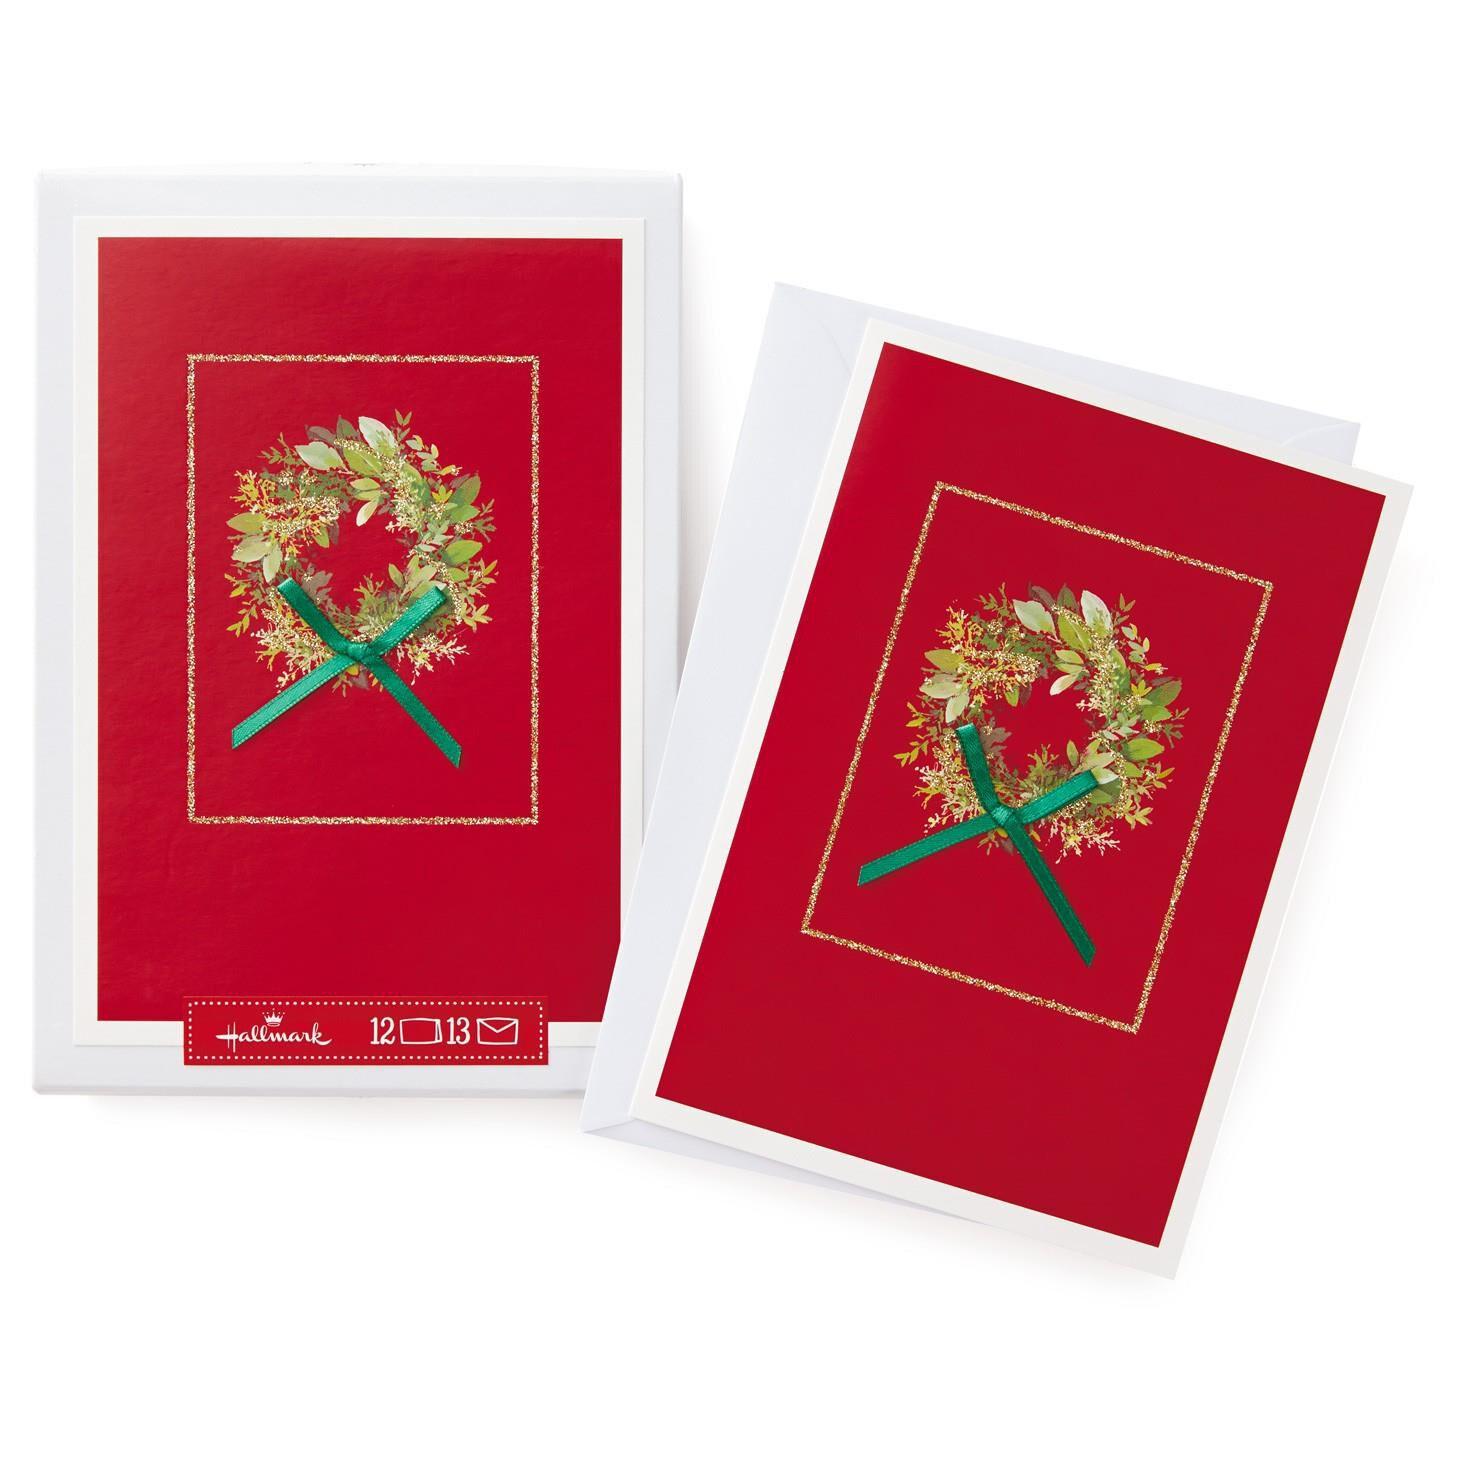 Hallmark Christmas Cards Boxed - Hallmark Boxed Christmas Cards ...